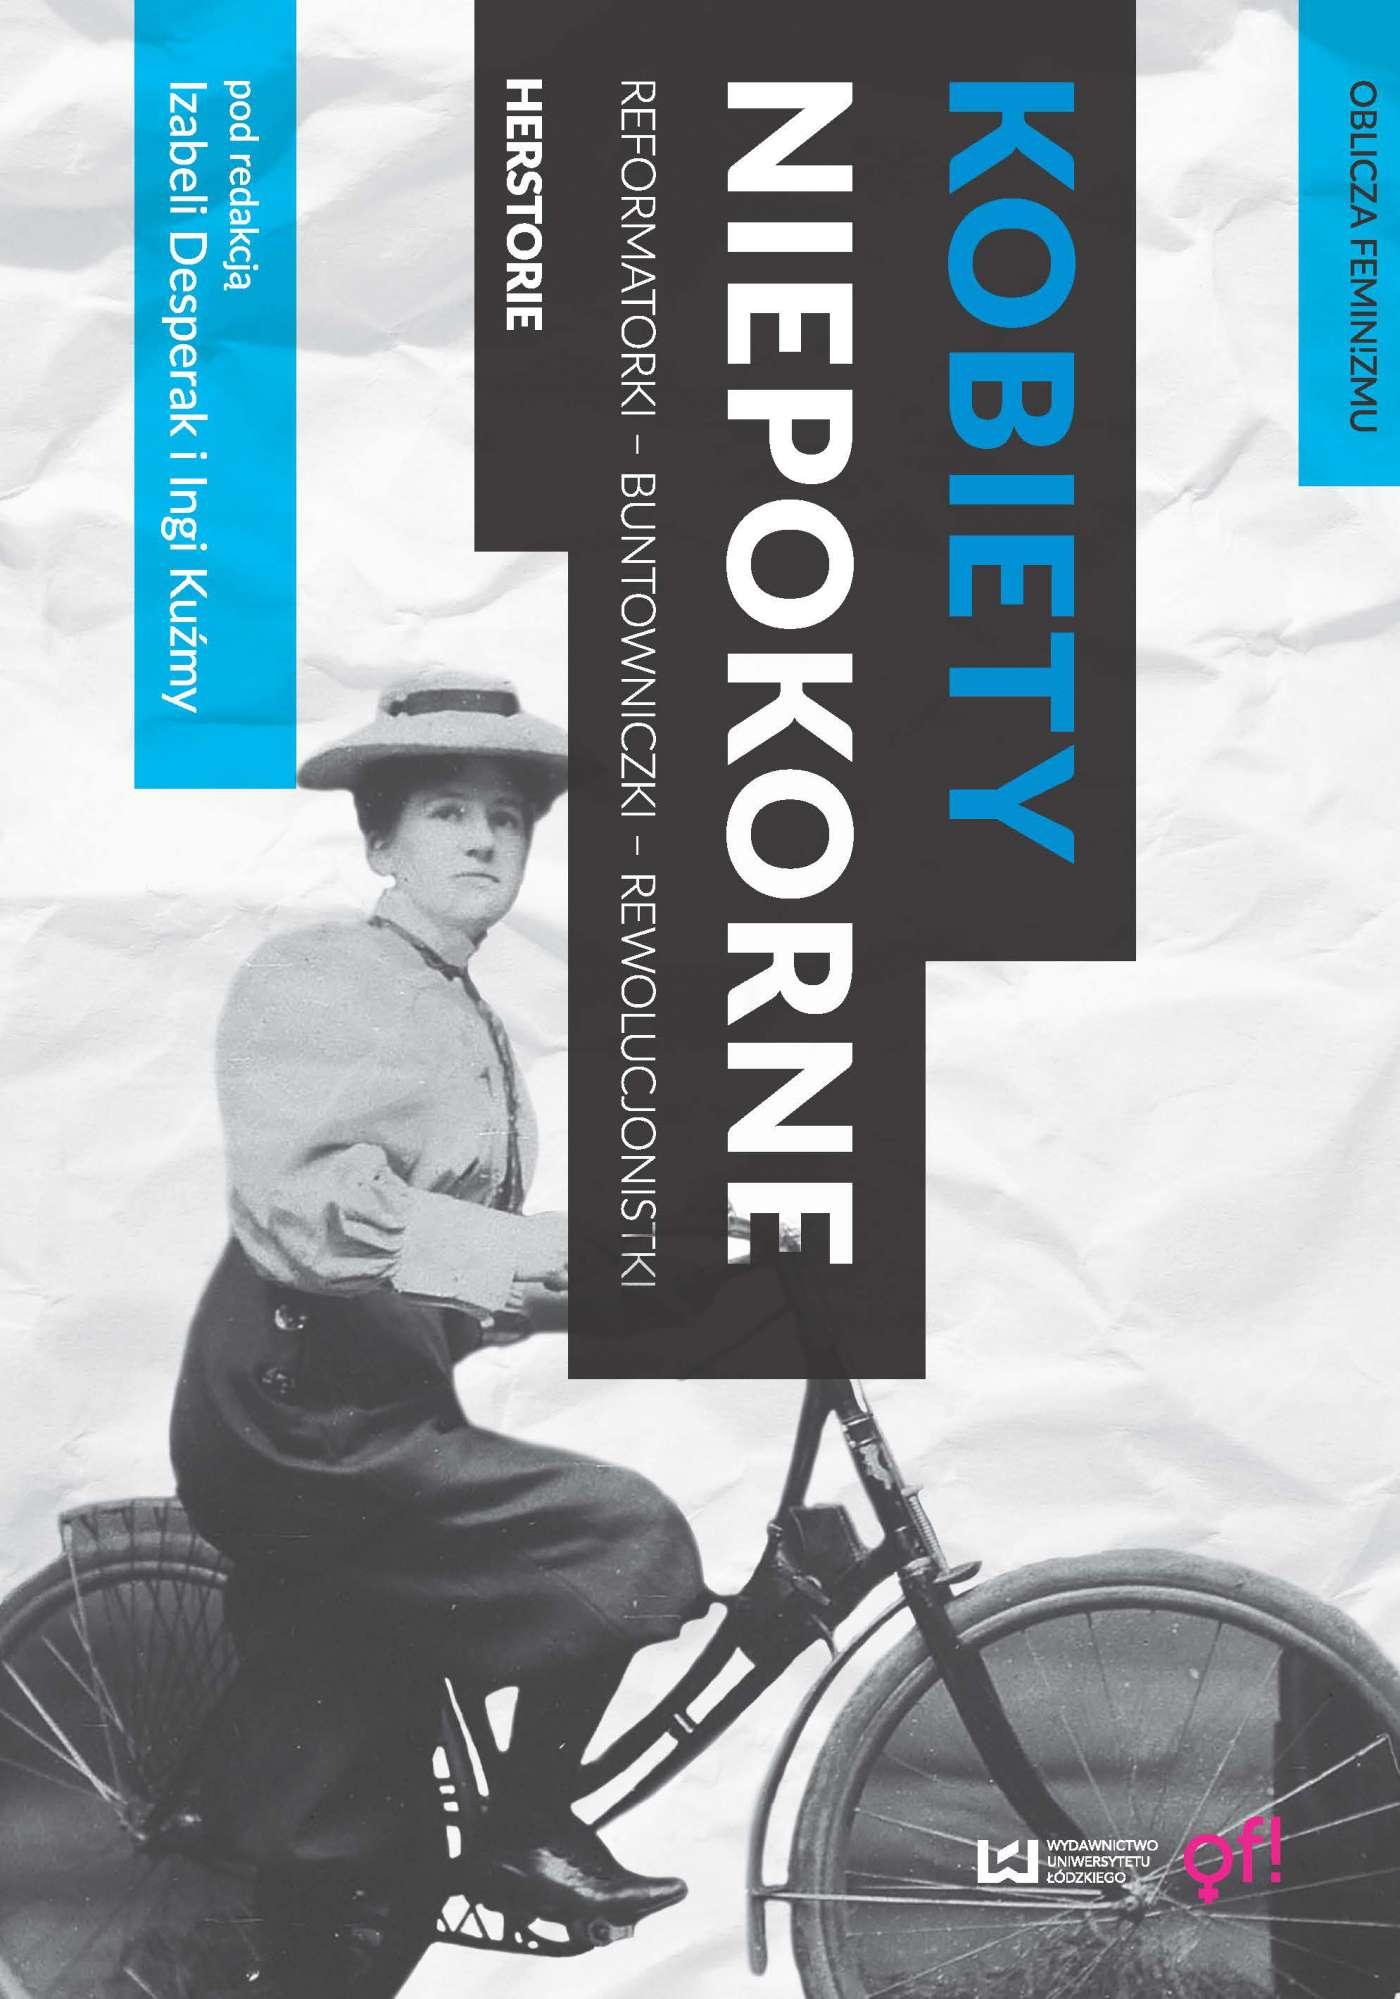 Kobiety niepokorne. Reformatorki - buntowniczki - rewolucjonistki. Herstorie - Ebook (Książka na Kindle) do pobrania w formacie MOBI